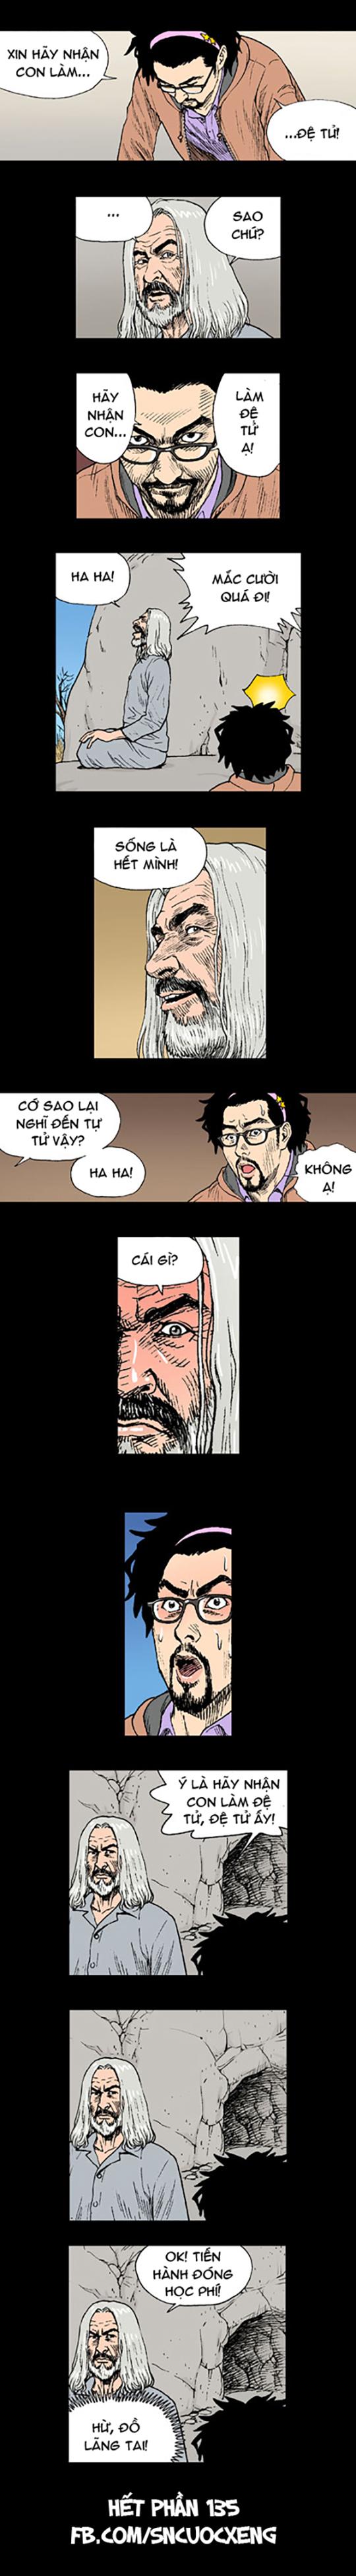 Siêu nhân Cuốc Xẻng (season 2) phần 135